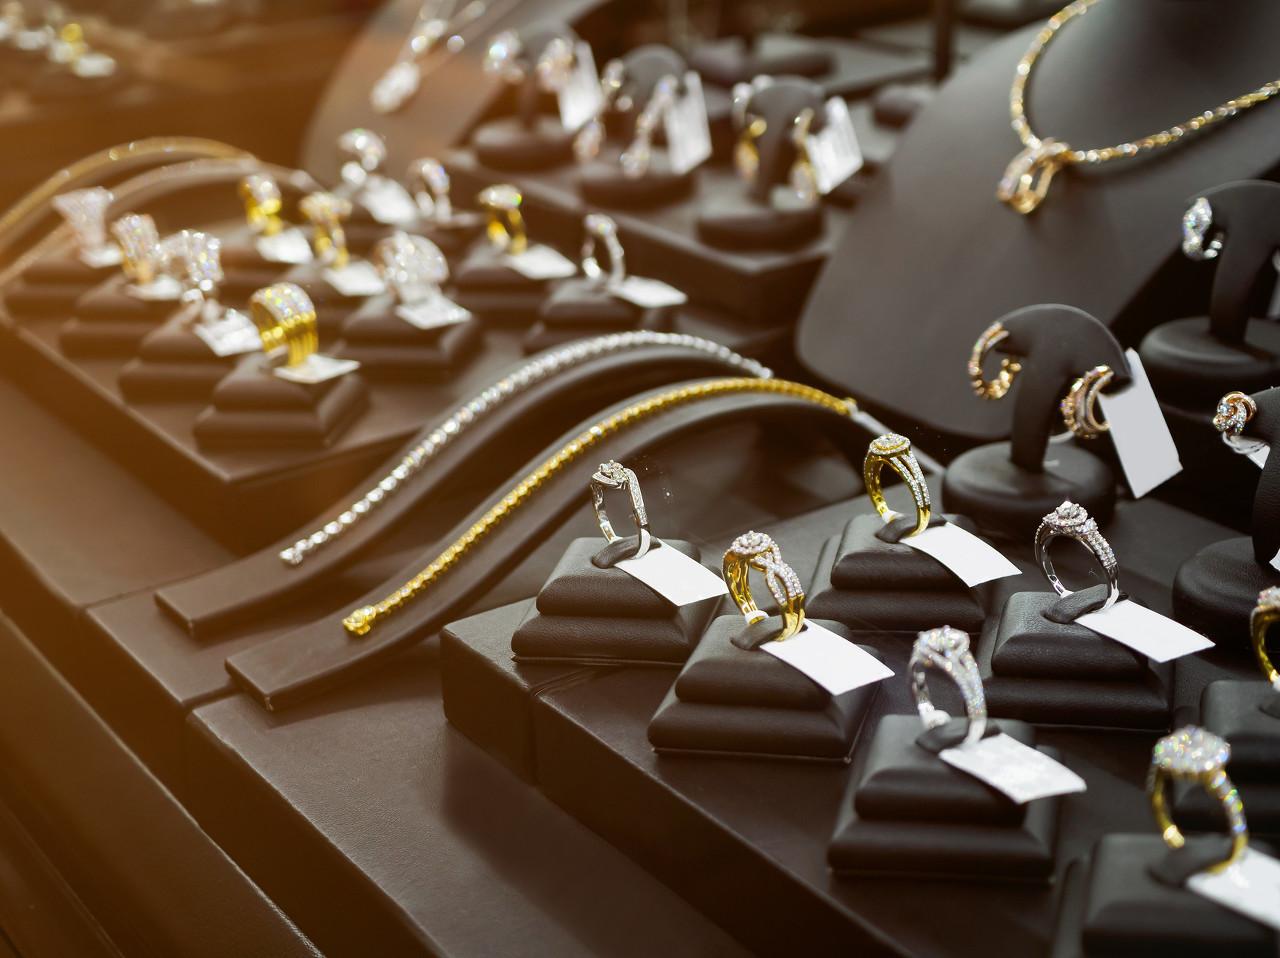 梵克雅宝推出6件拥有独立风格与故事的仙子胸针